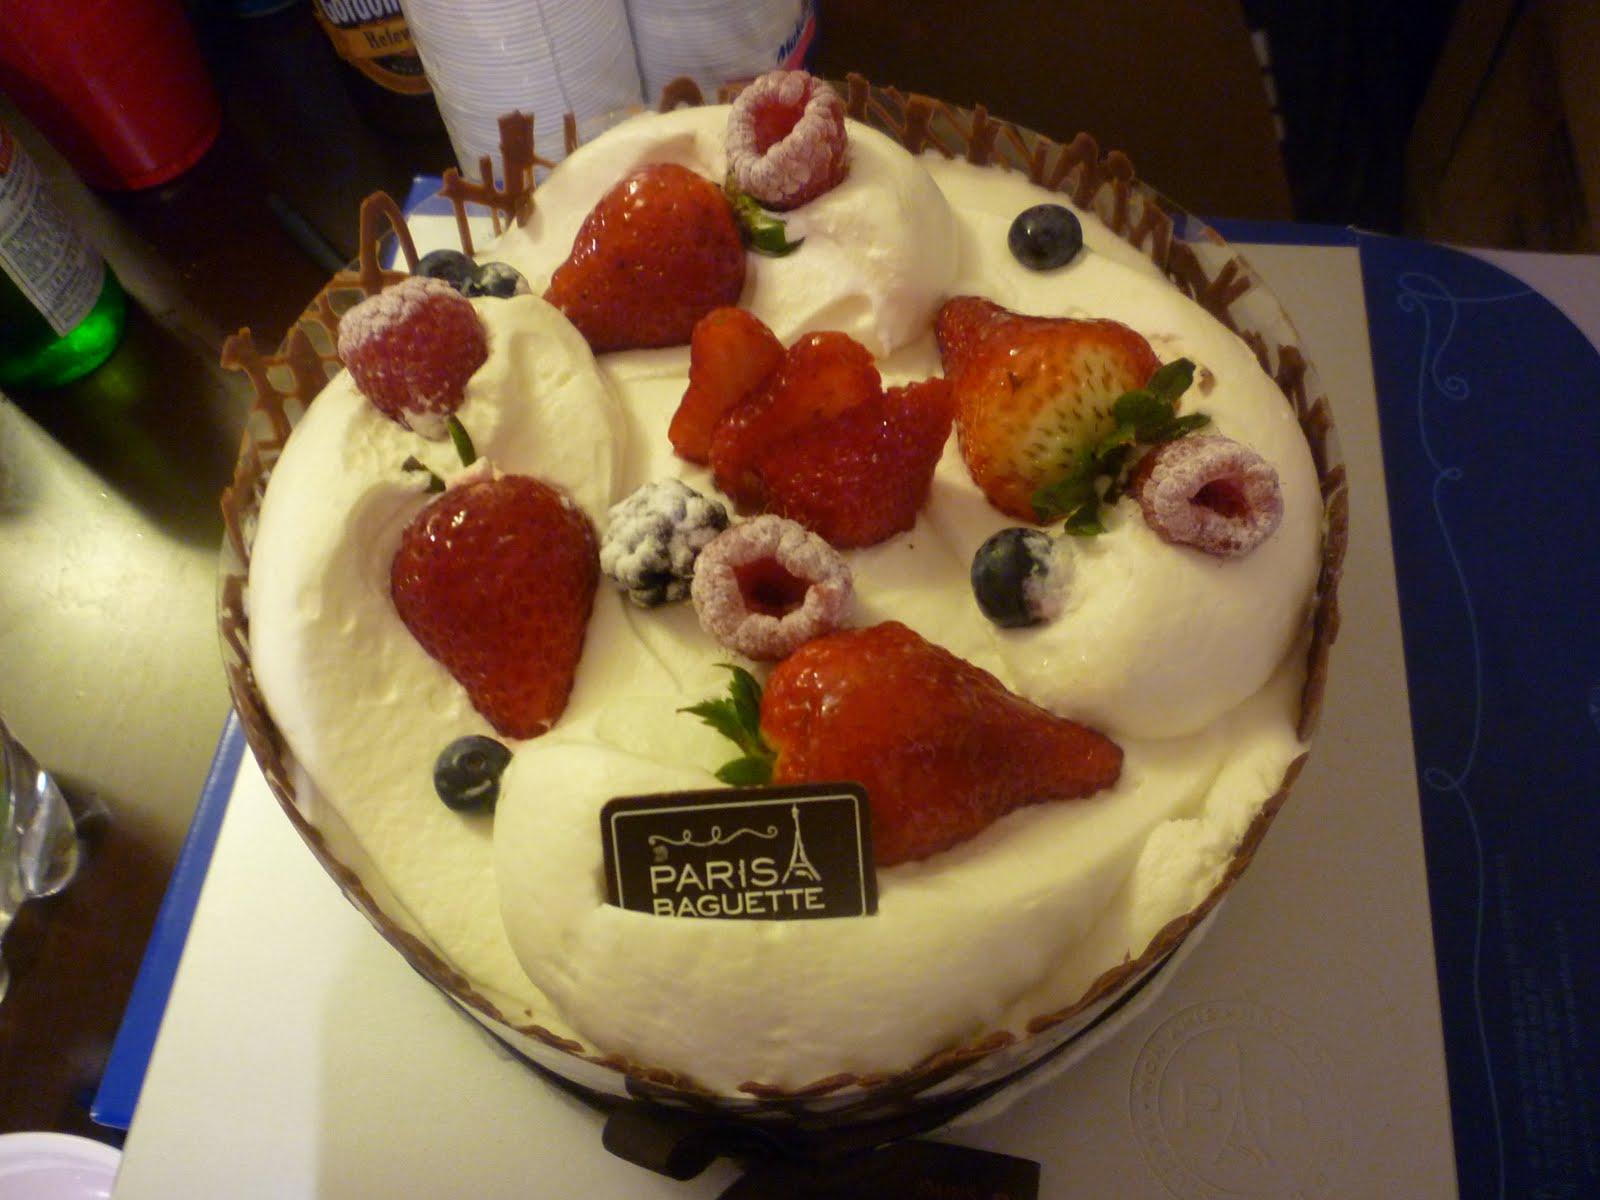 Graces Birthday Cake From Paris Baguette Santa Clara Sf